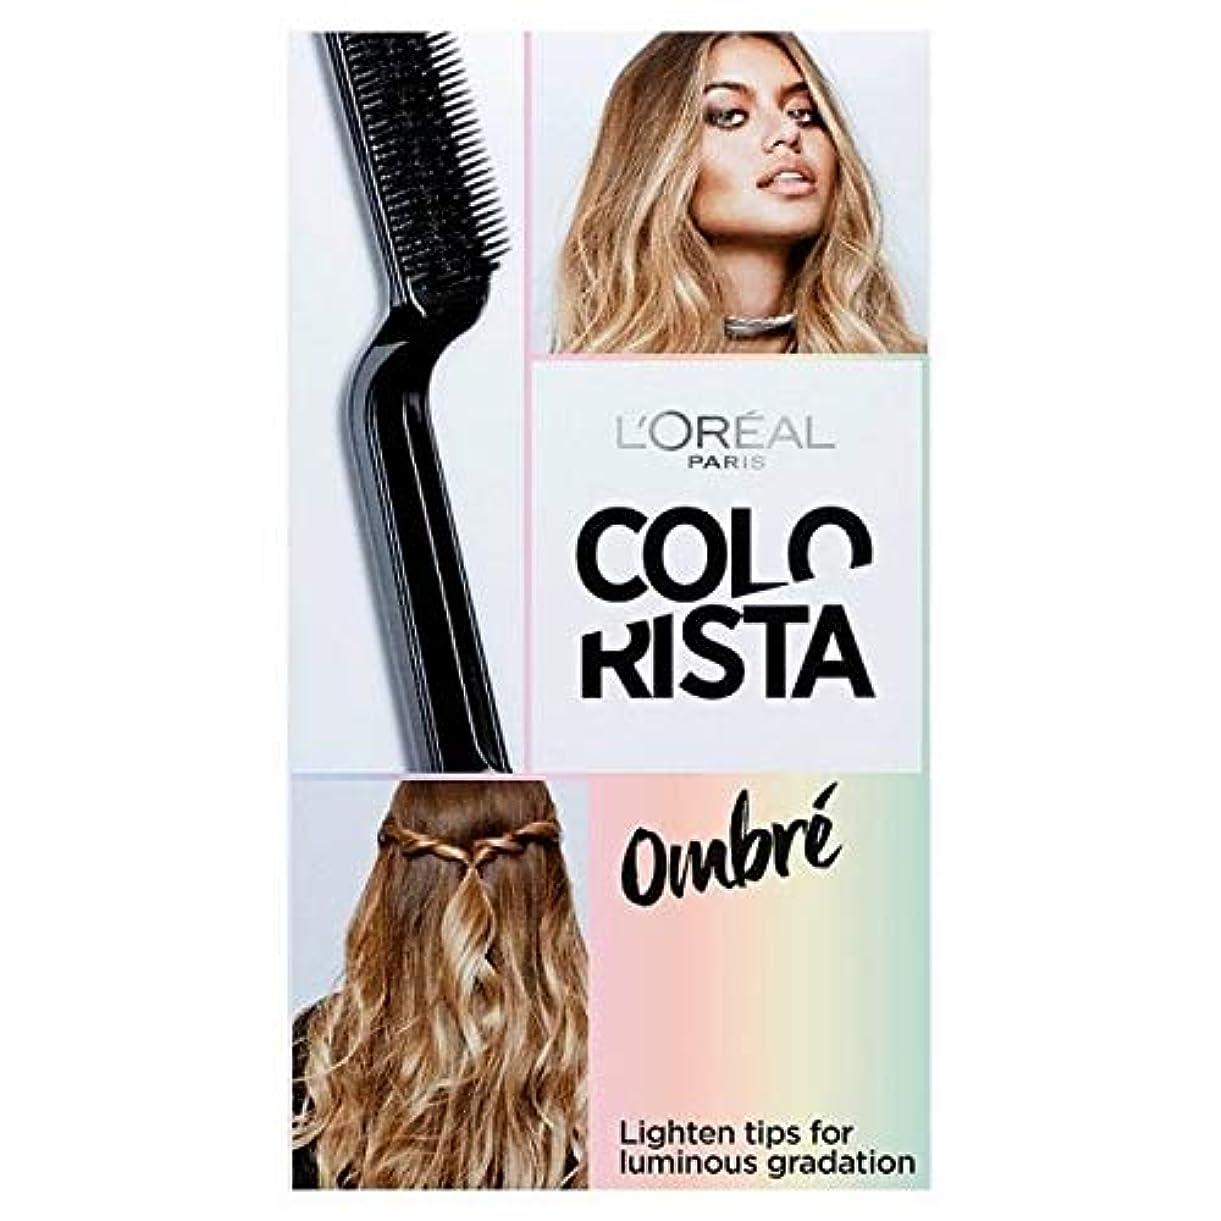 原始的な漂流バンカー[Colorista] Colorista効果オンブル髪 - Colorista Effect Ombre Hair [並行輸入品]